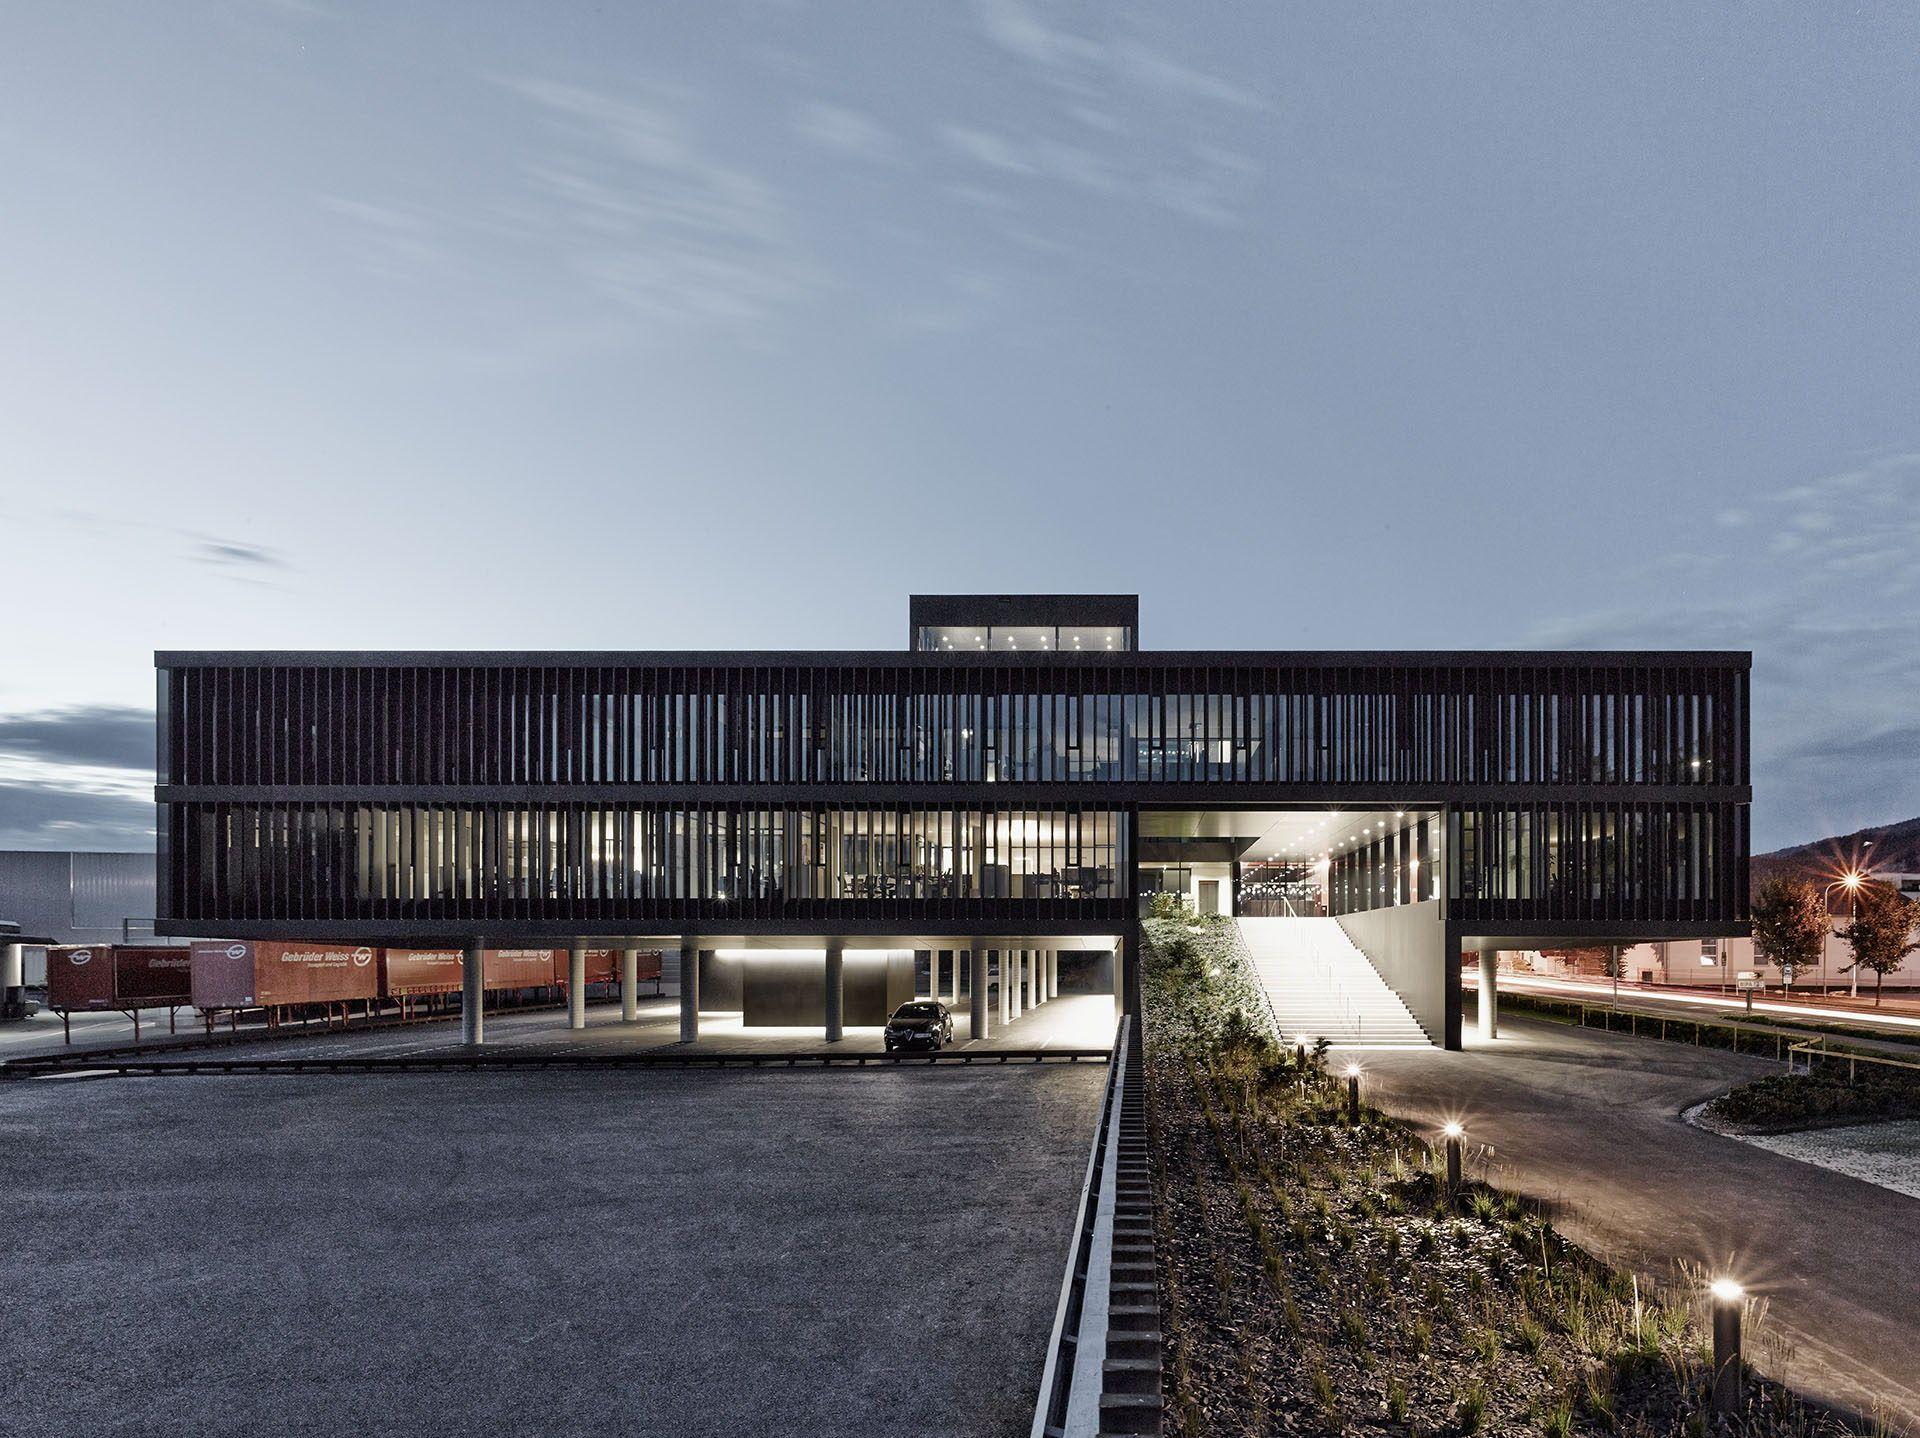 Neubau in Vorarlberg von Cukrowicz Nachbaur / Verwaltung auf Stelzen - Architektur und Architekten - News / Meldungen / Nachrichten - BauNetz.de